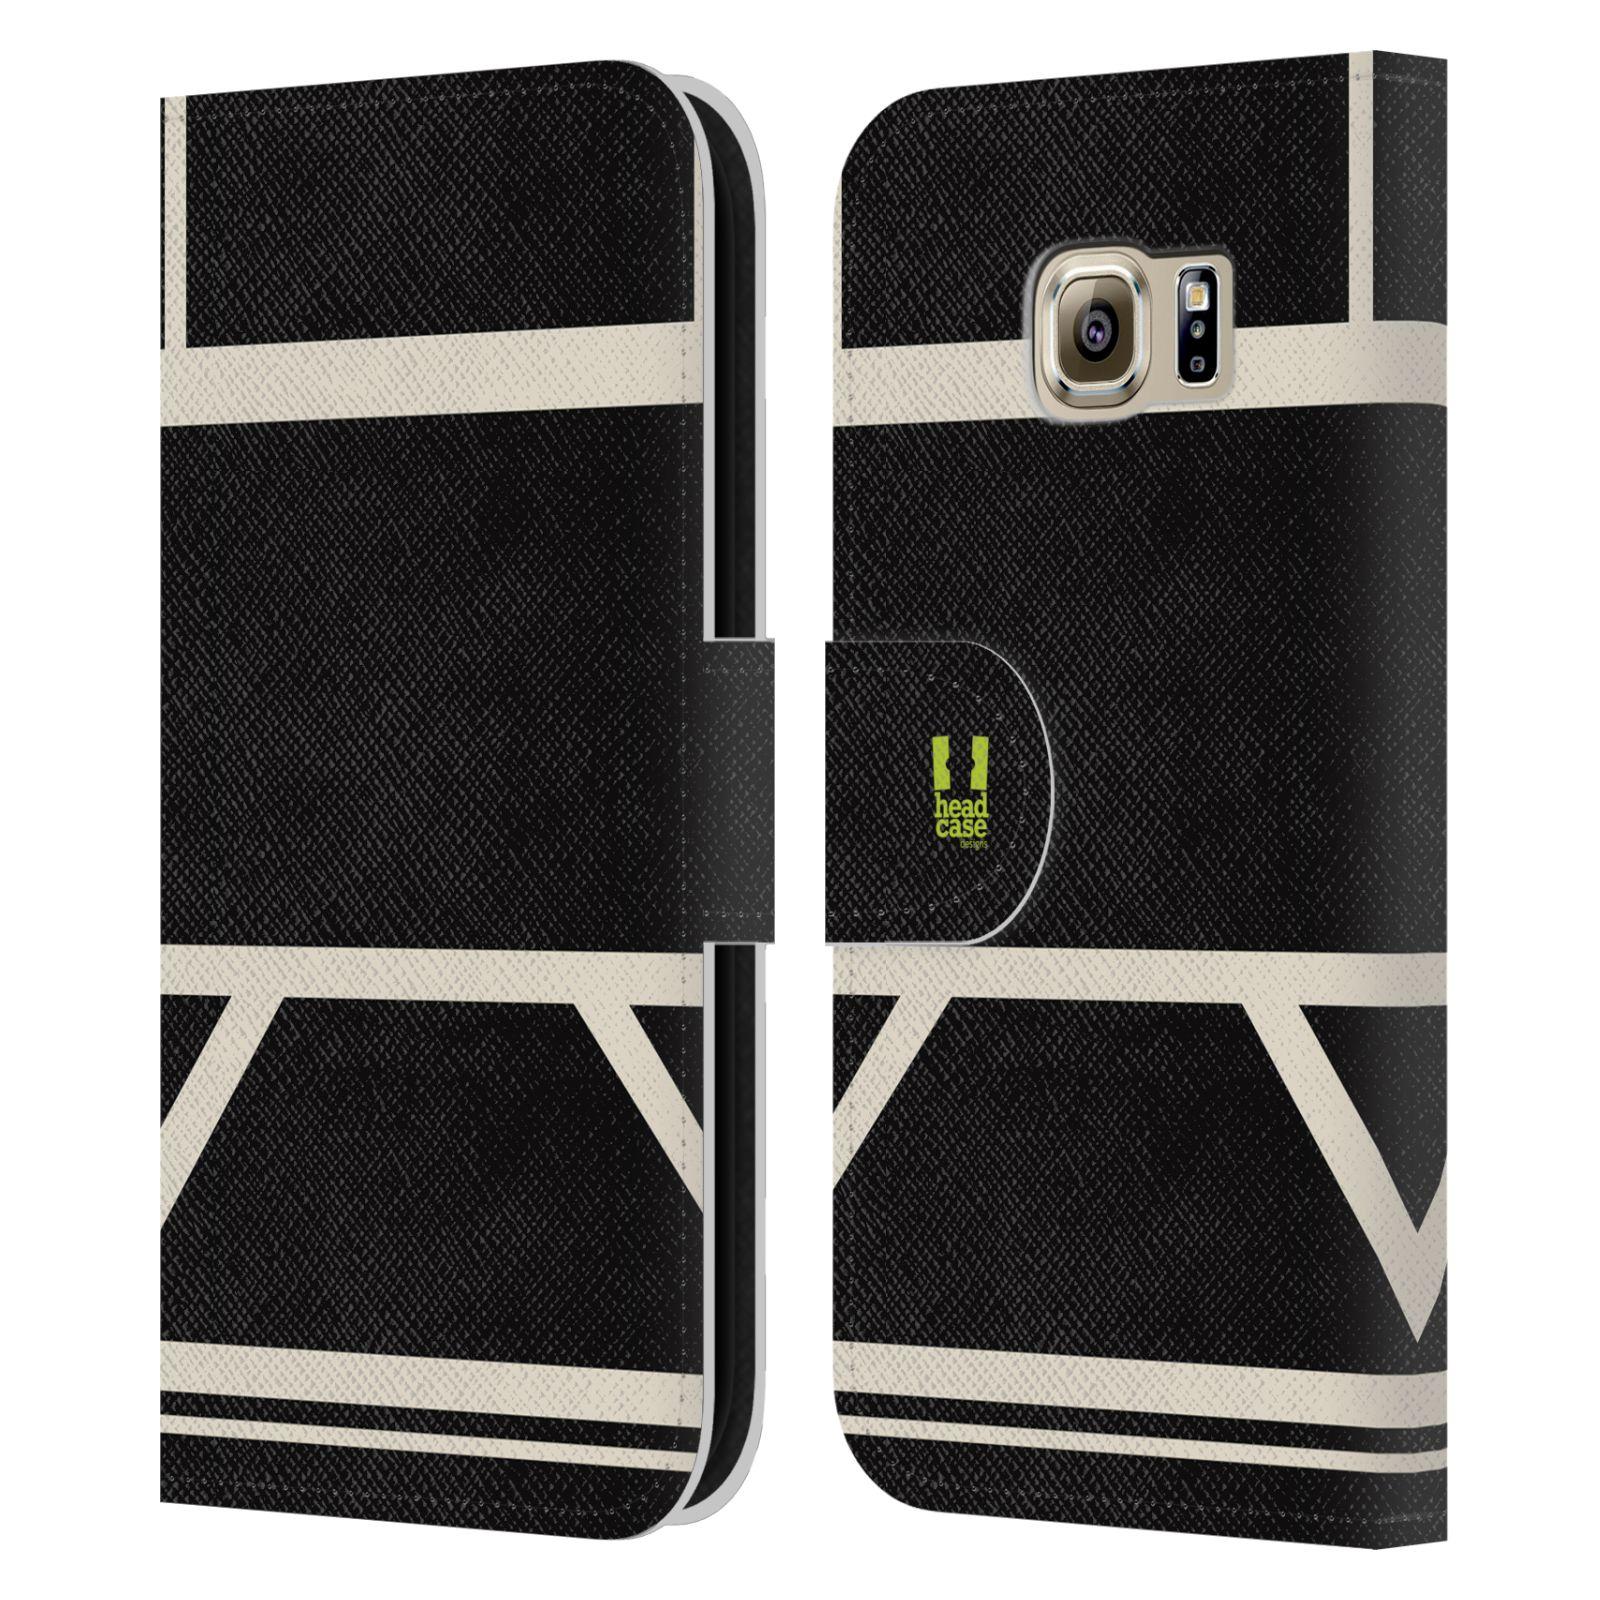 HEAD CASE Flipové pouzdro pro mobil Samsung Galaxy S6 barevné tvary černá a bílá proužek